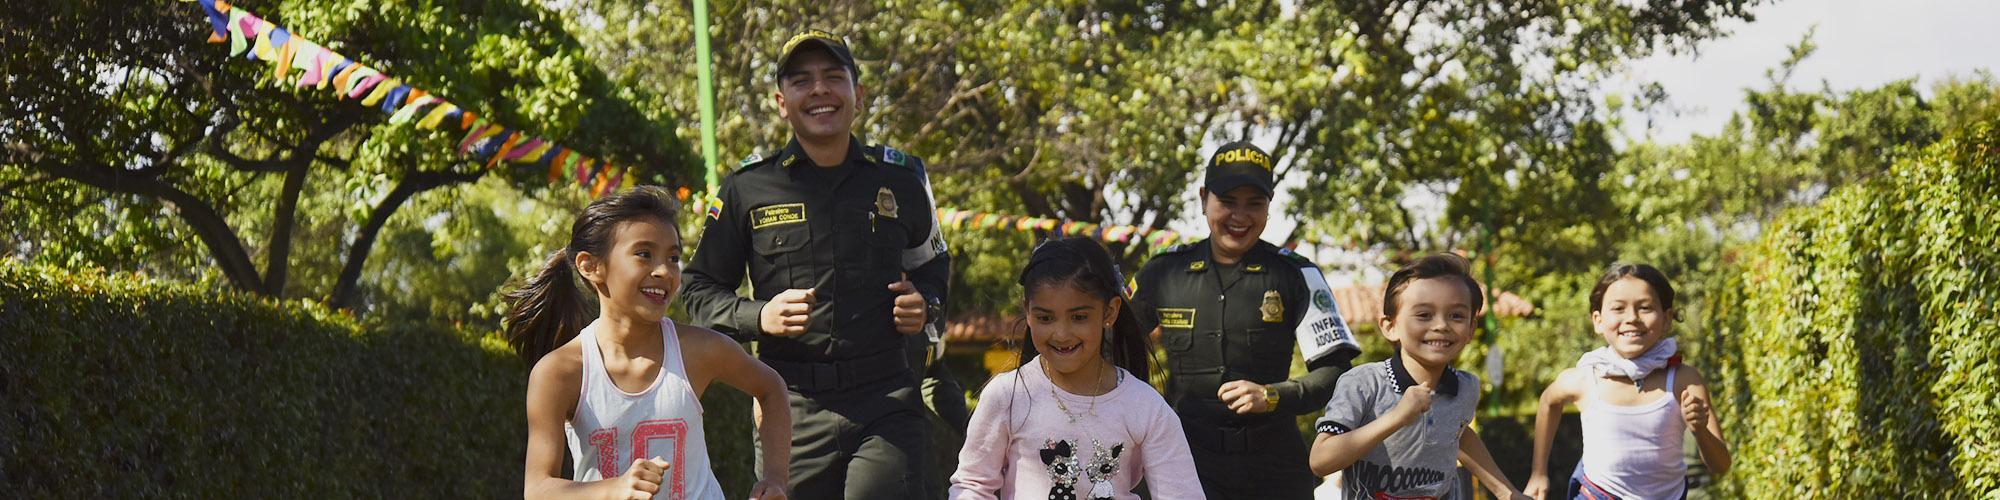 Área de Protección de la Infancia y Adolescencia de la Policía Nacional